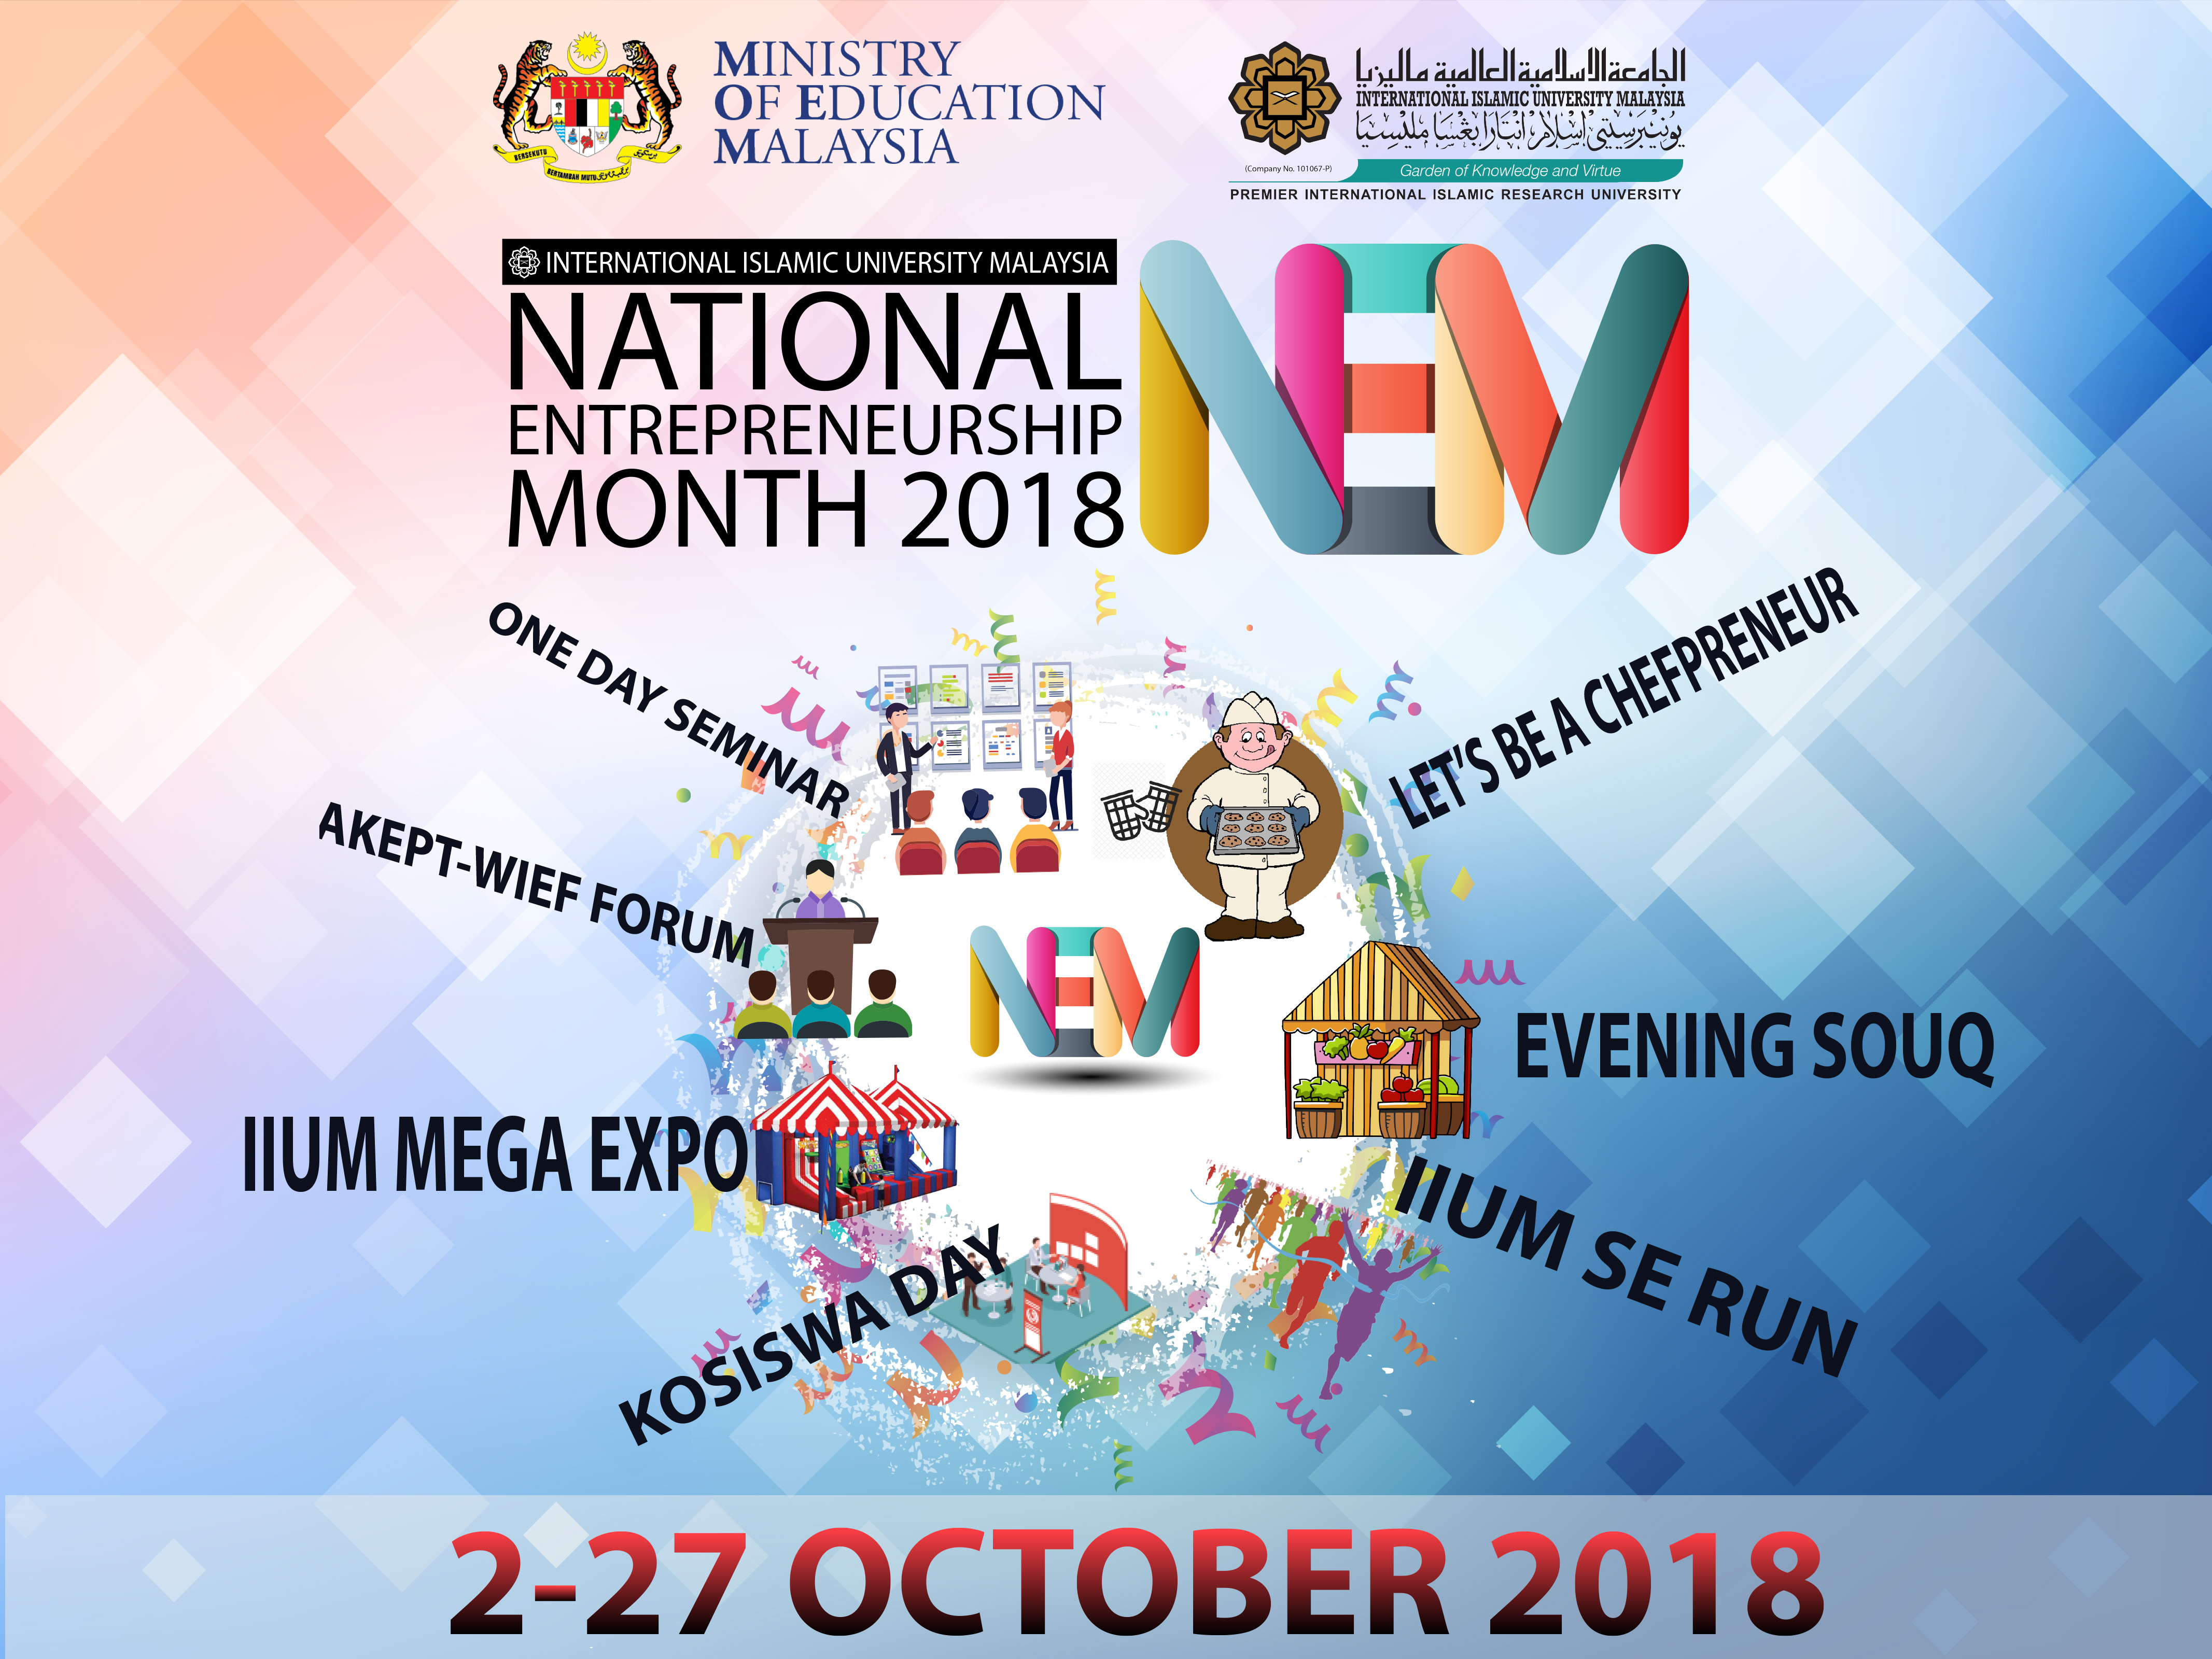 National Entrepreneurship Month (NEM) 2018